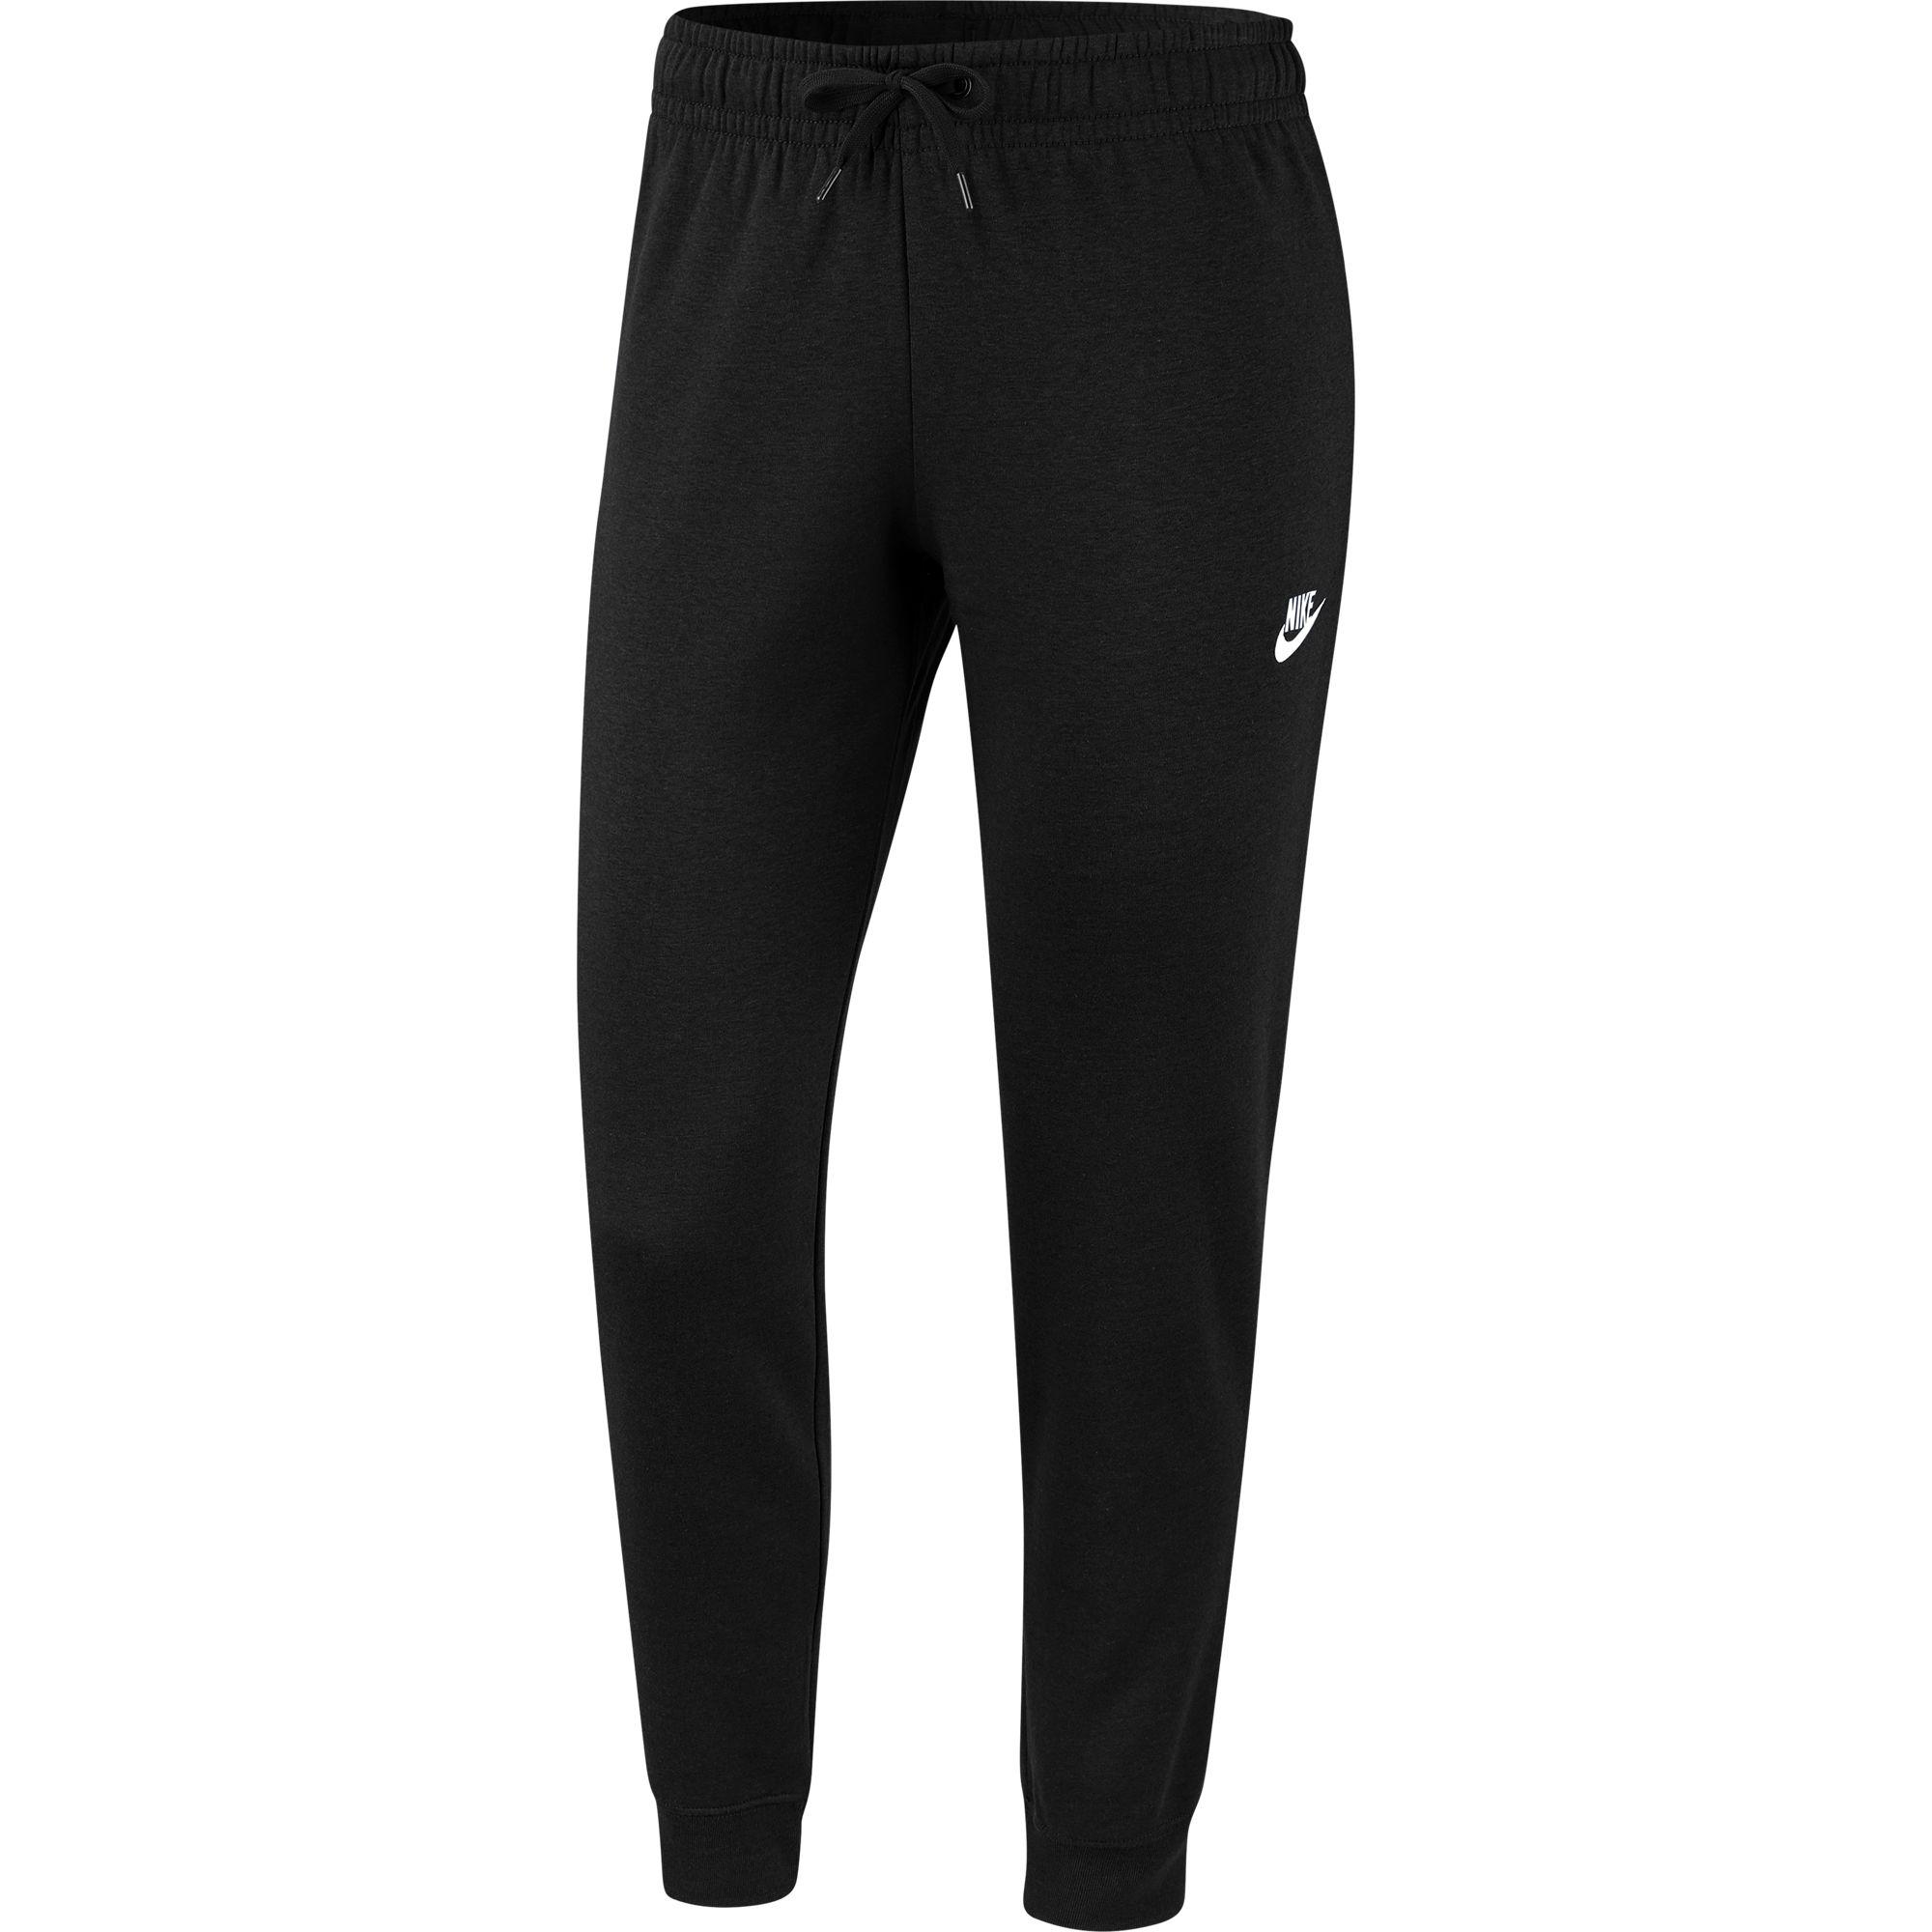 Women's Fleece Knit Sweatpant, Black, swatch